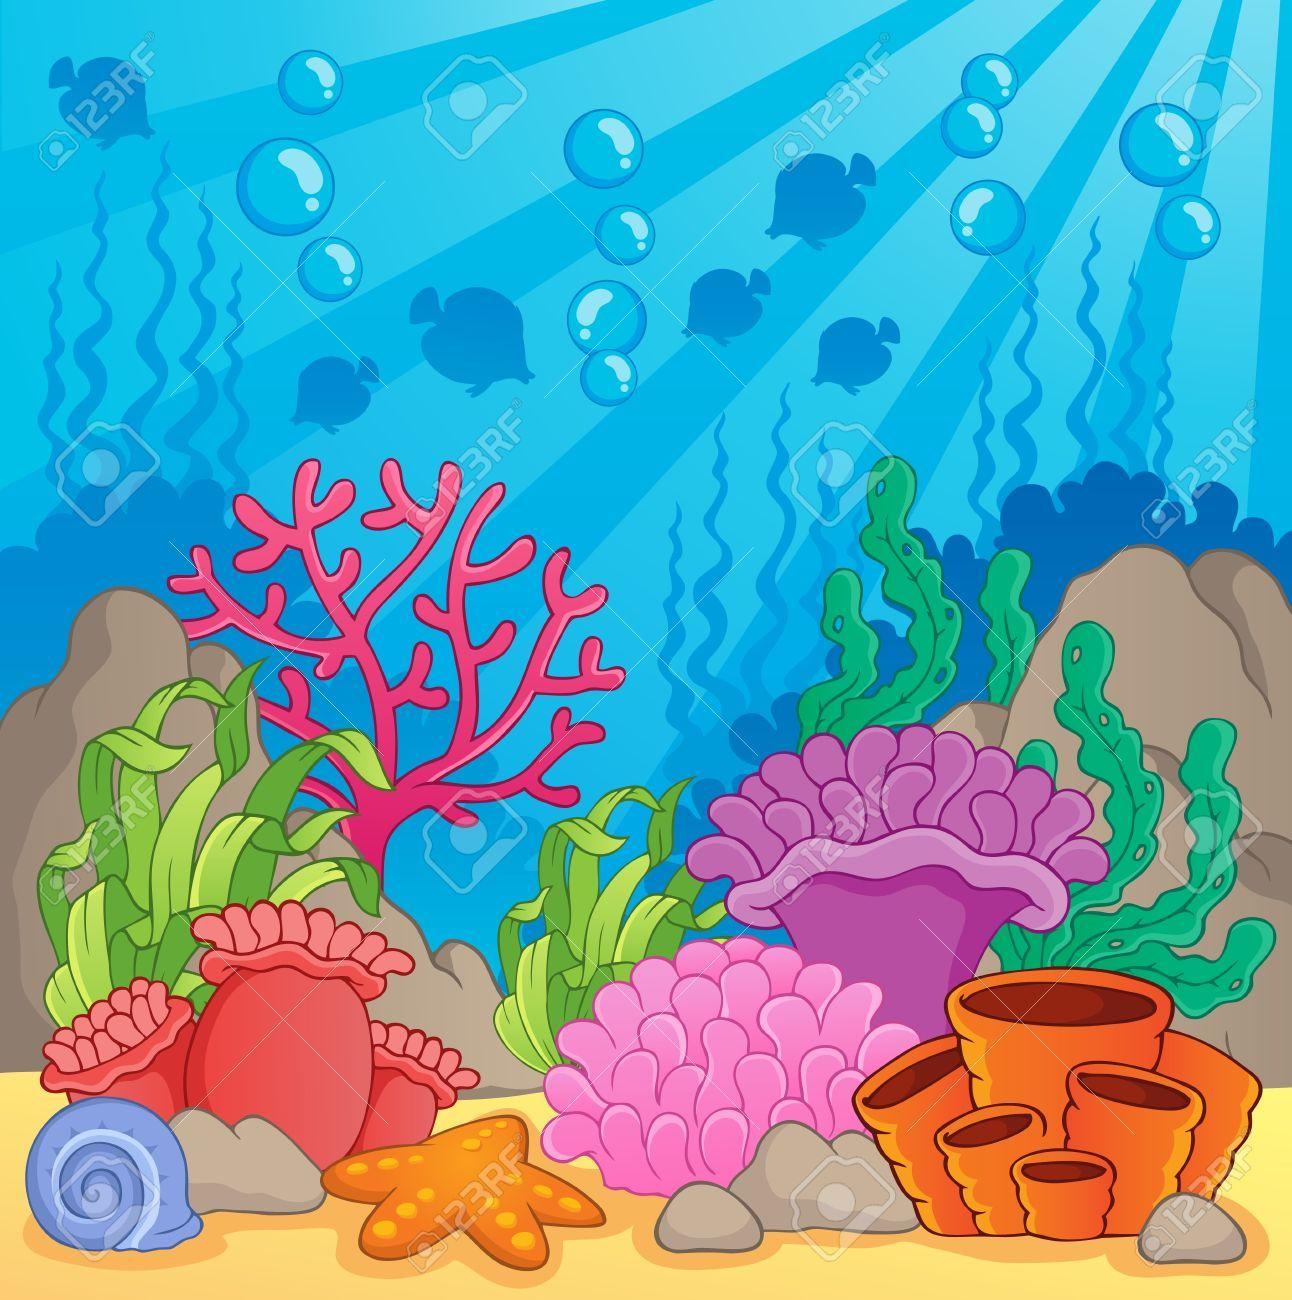 Pin De Suzanne Bruno En Creatividad Mar Animado Dibujo Del Mar Fondo De Mar